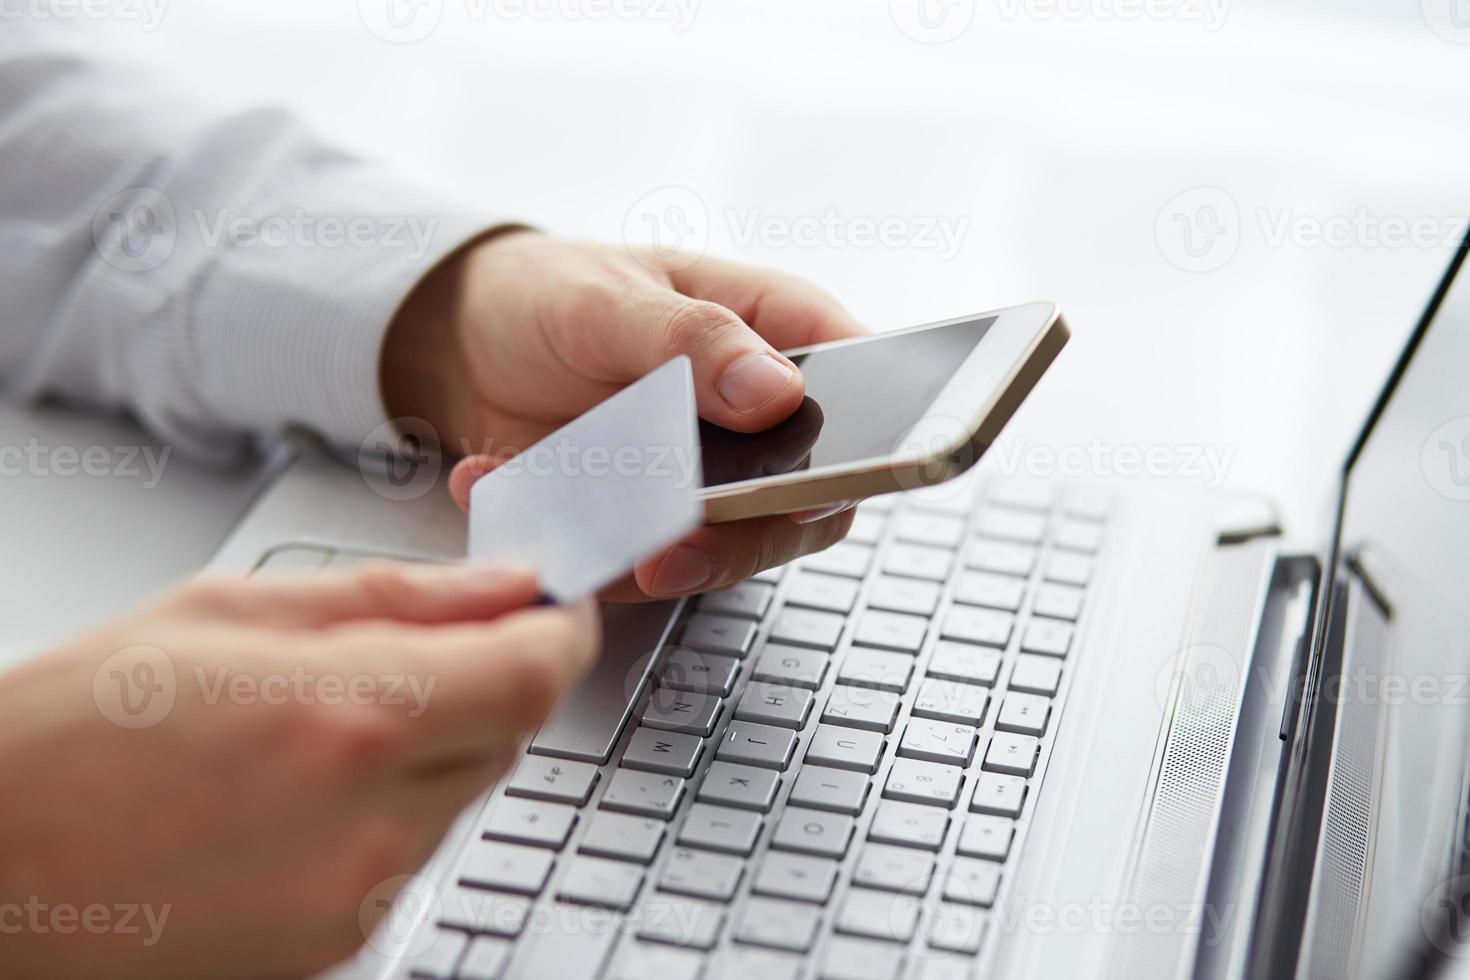 homem com telefone celular e pagamento com cartão de crédito foto